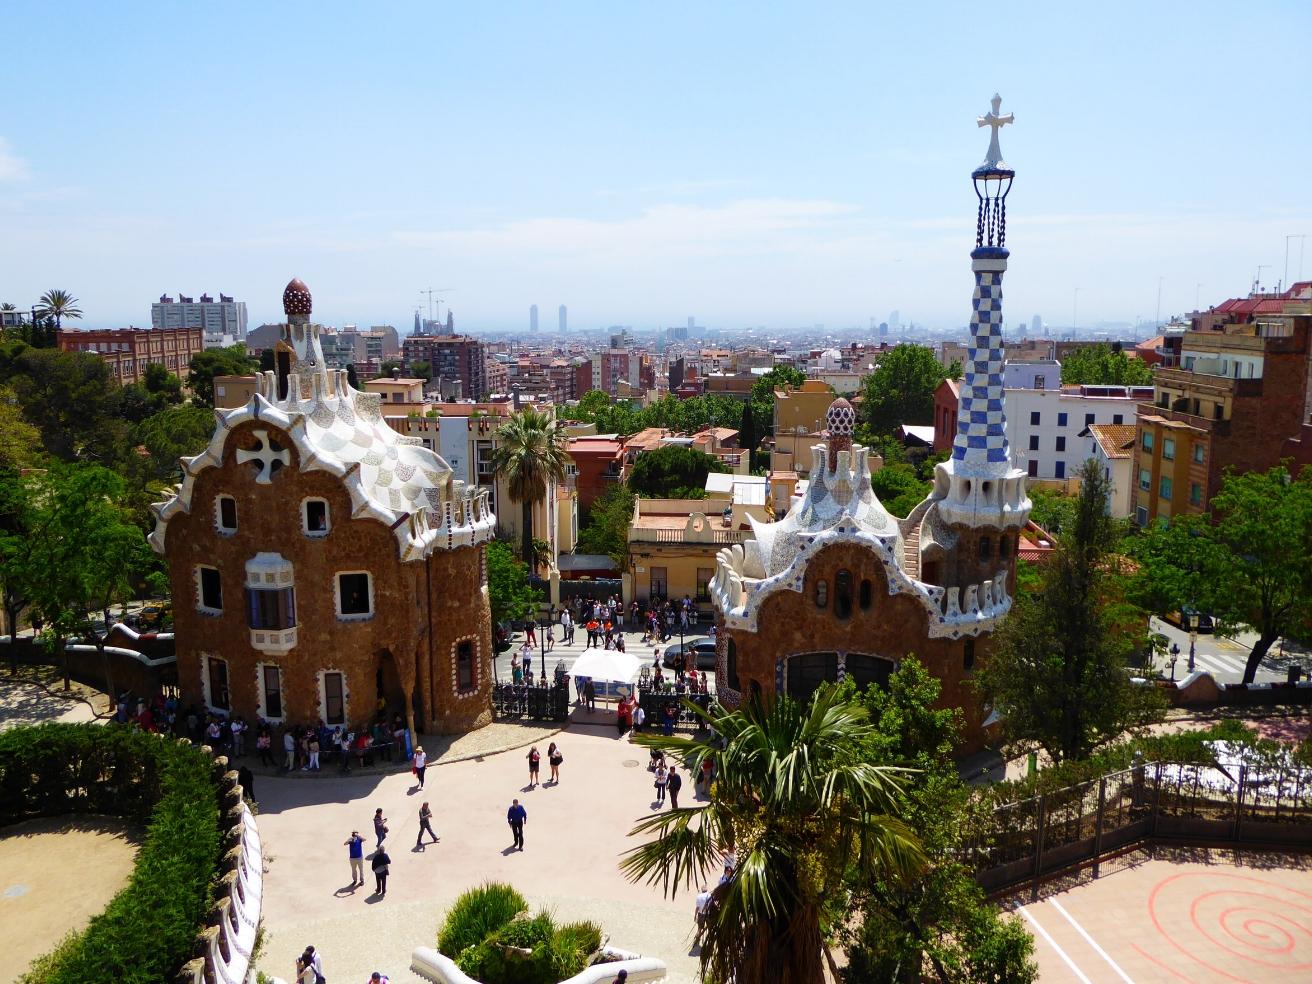 Parc Güell, Barcelona - Photo by C.Sturm